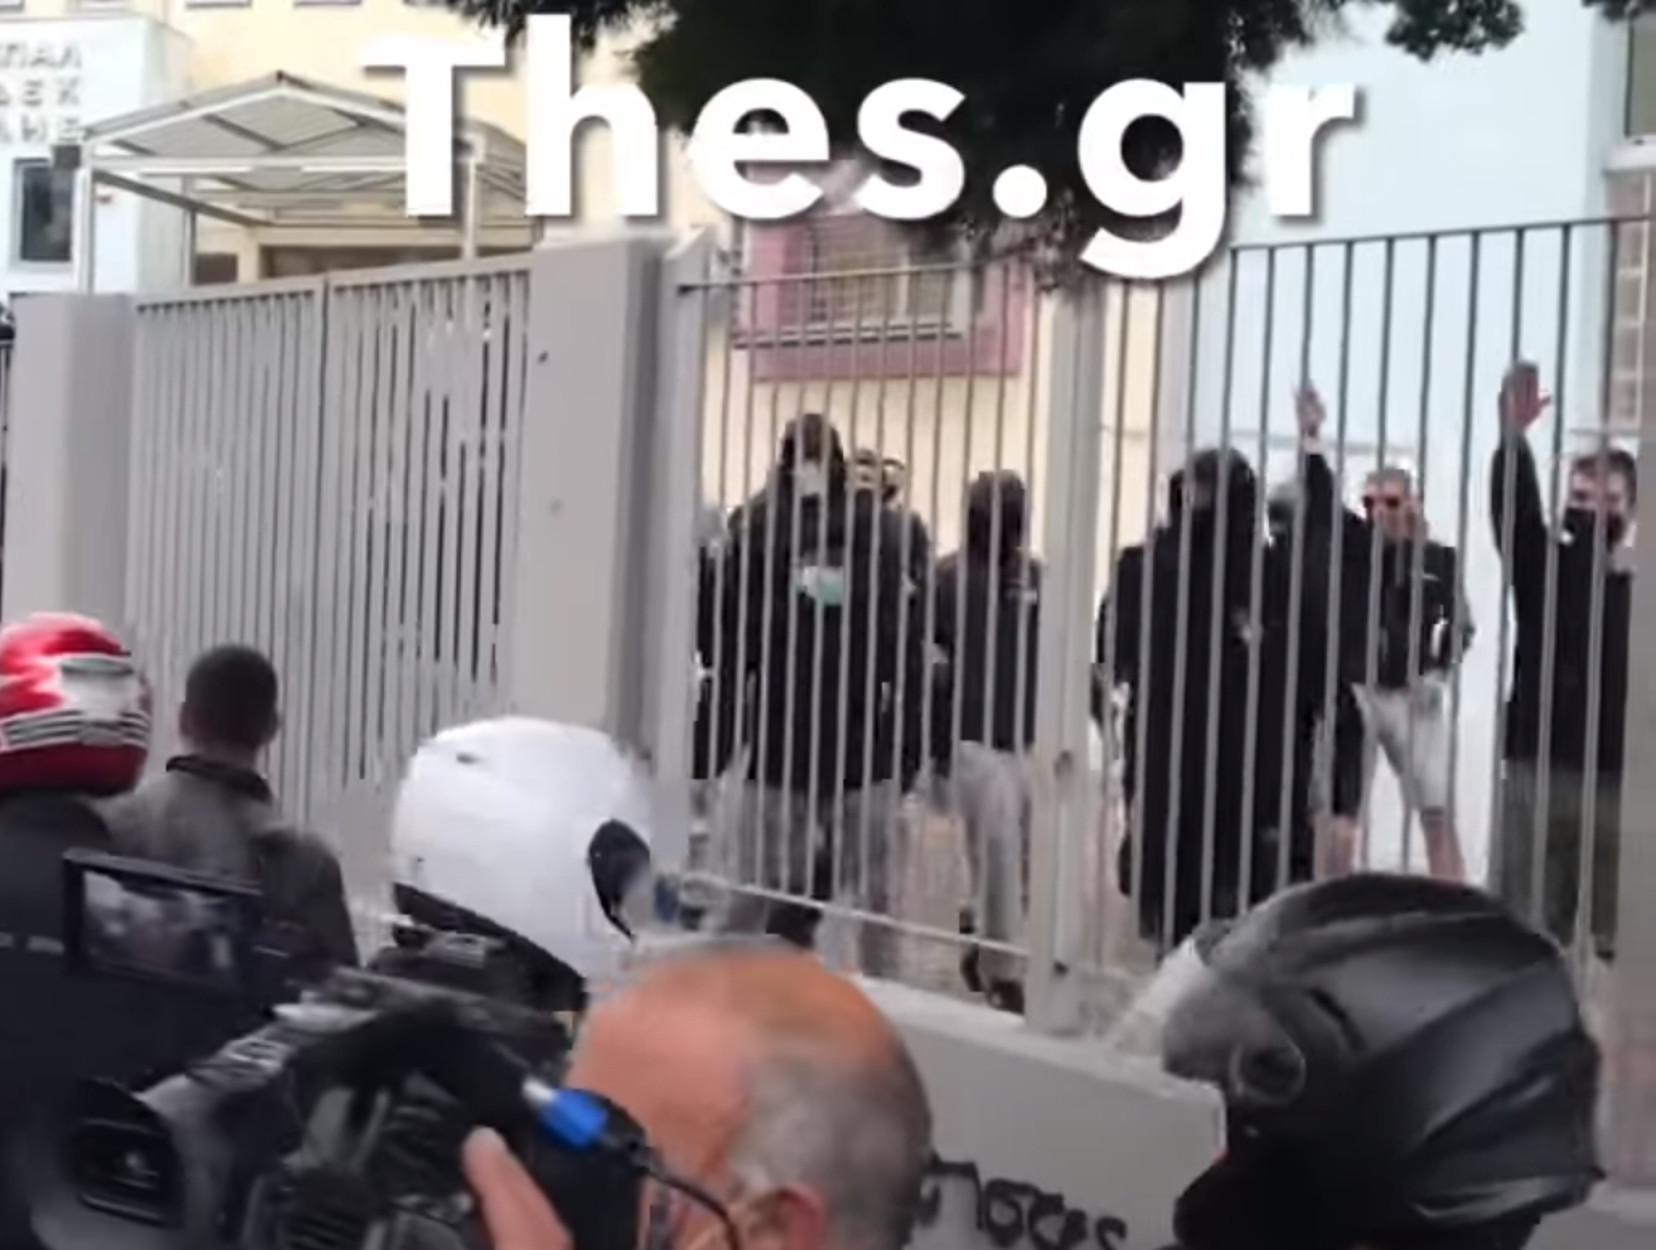 Θεσσαλονίκη – ΕΠΑΛ Σταυρούπολης: Η στιγμή που μαθητές χαιρετούν ναζιστικά